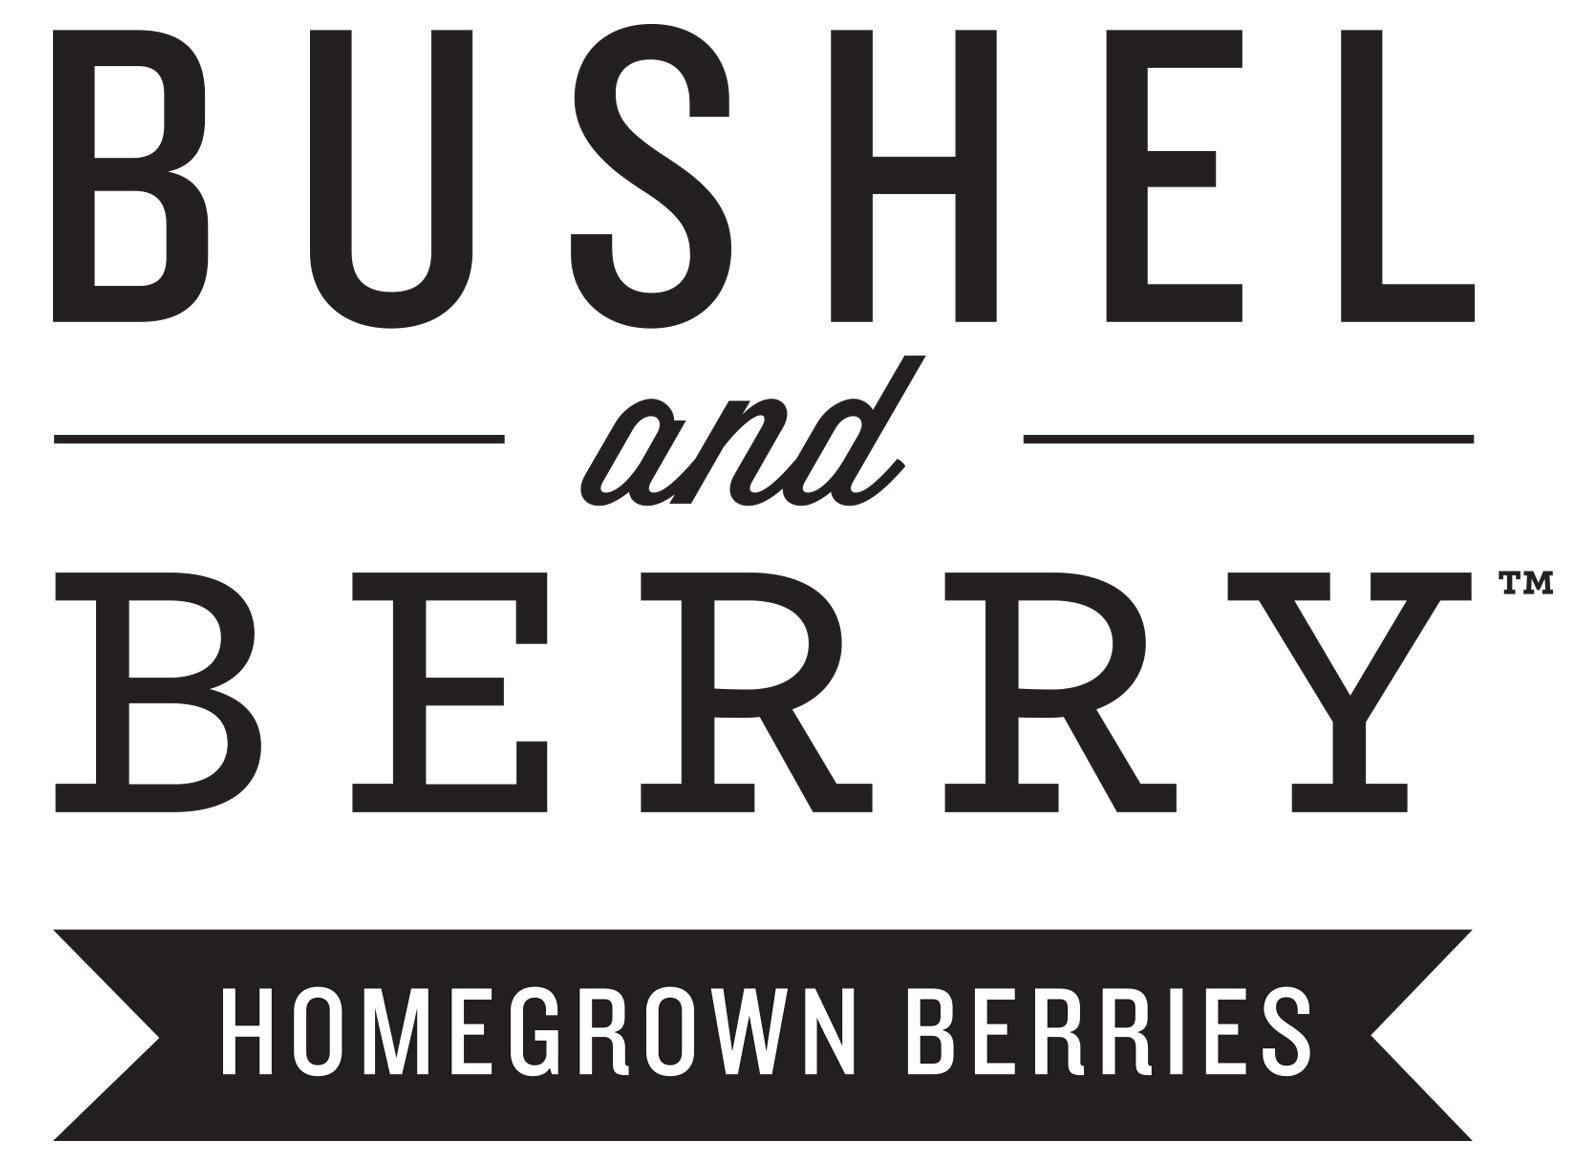 Some really cool varieties of berries!!